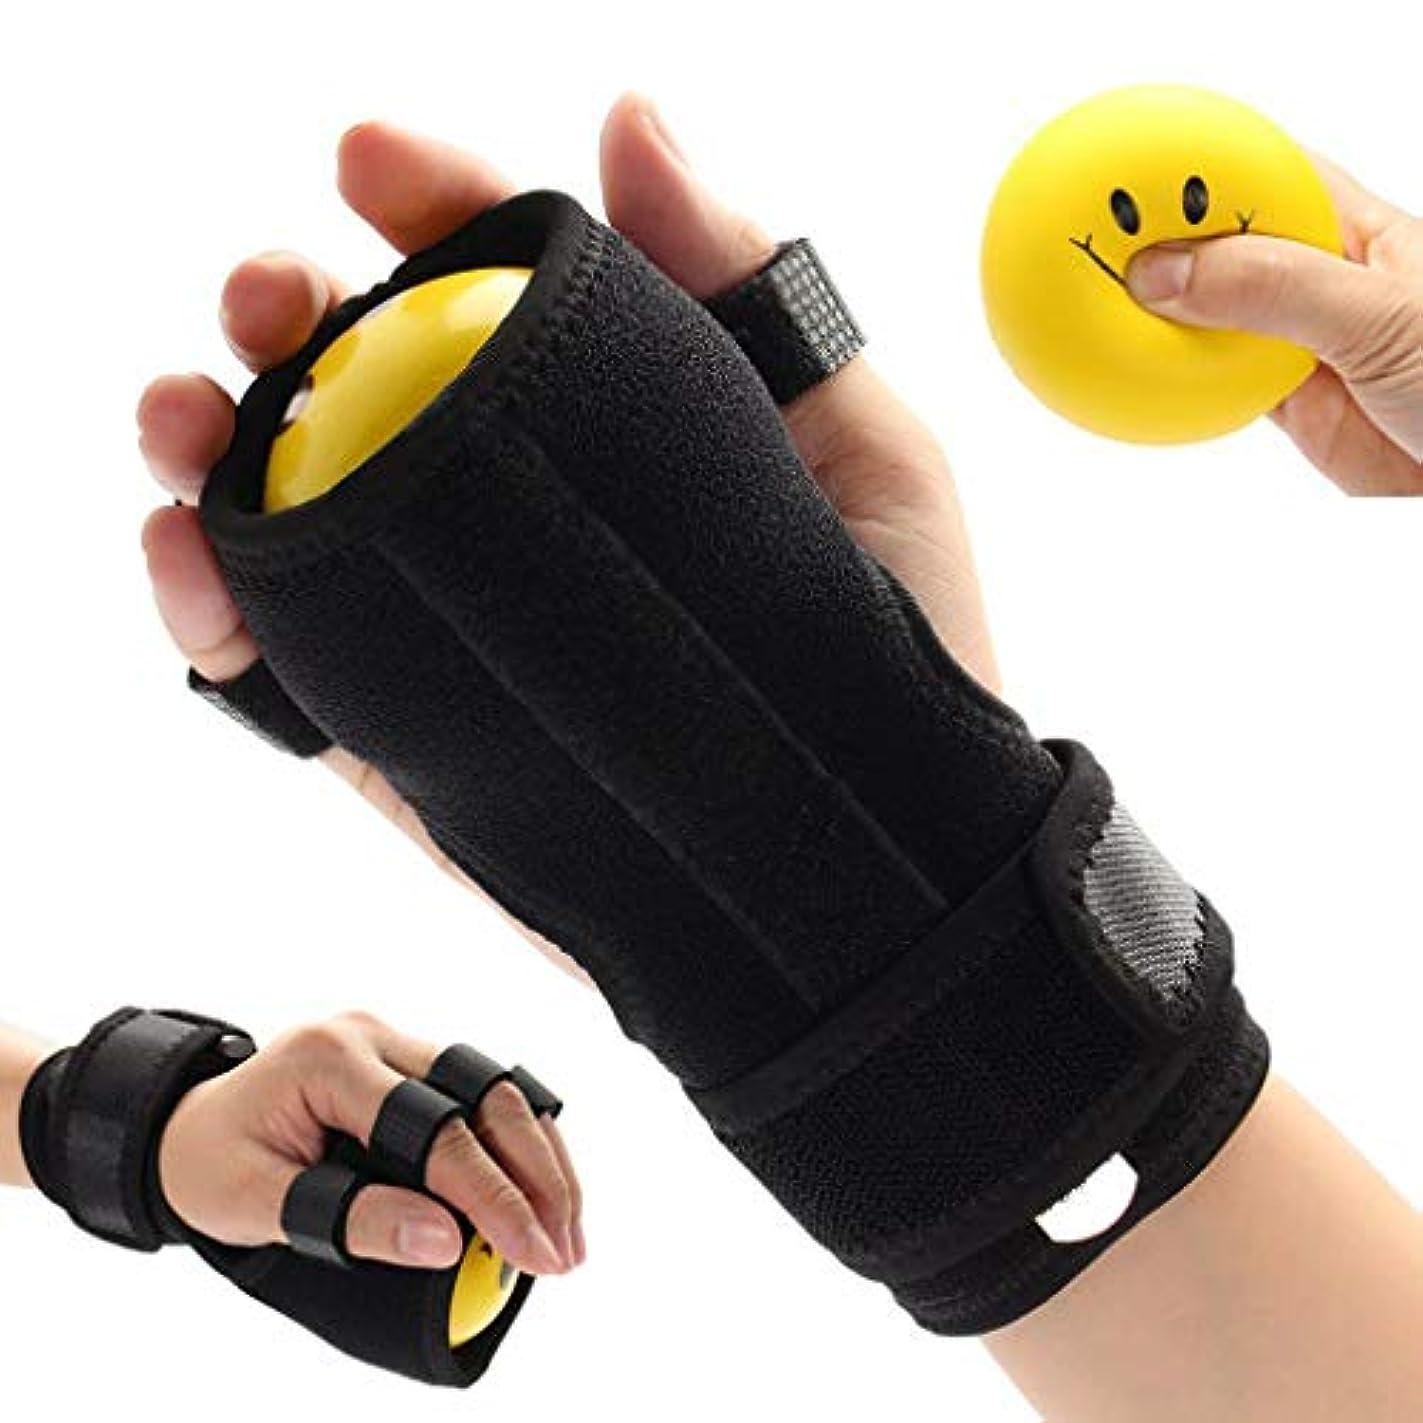 孤児マイナー洪水抗痙攣性ボール - 指手首リハビリテーション練習用装具、機能的副子手、手の機能障害/片麻痺/脳卒中用